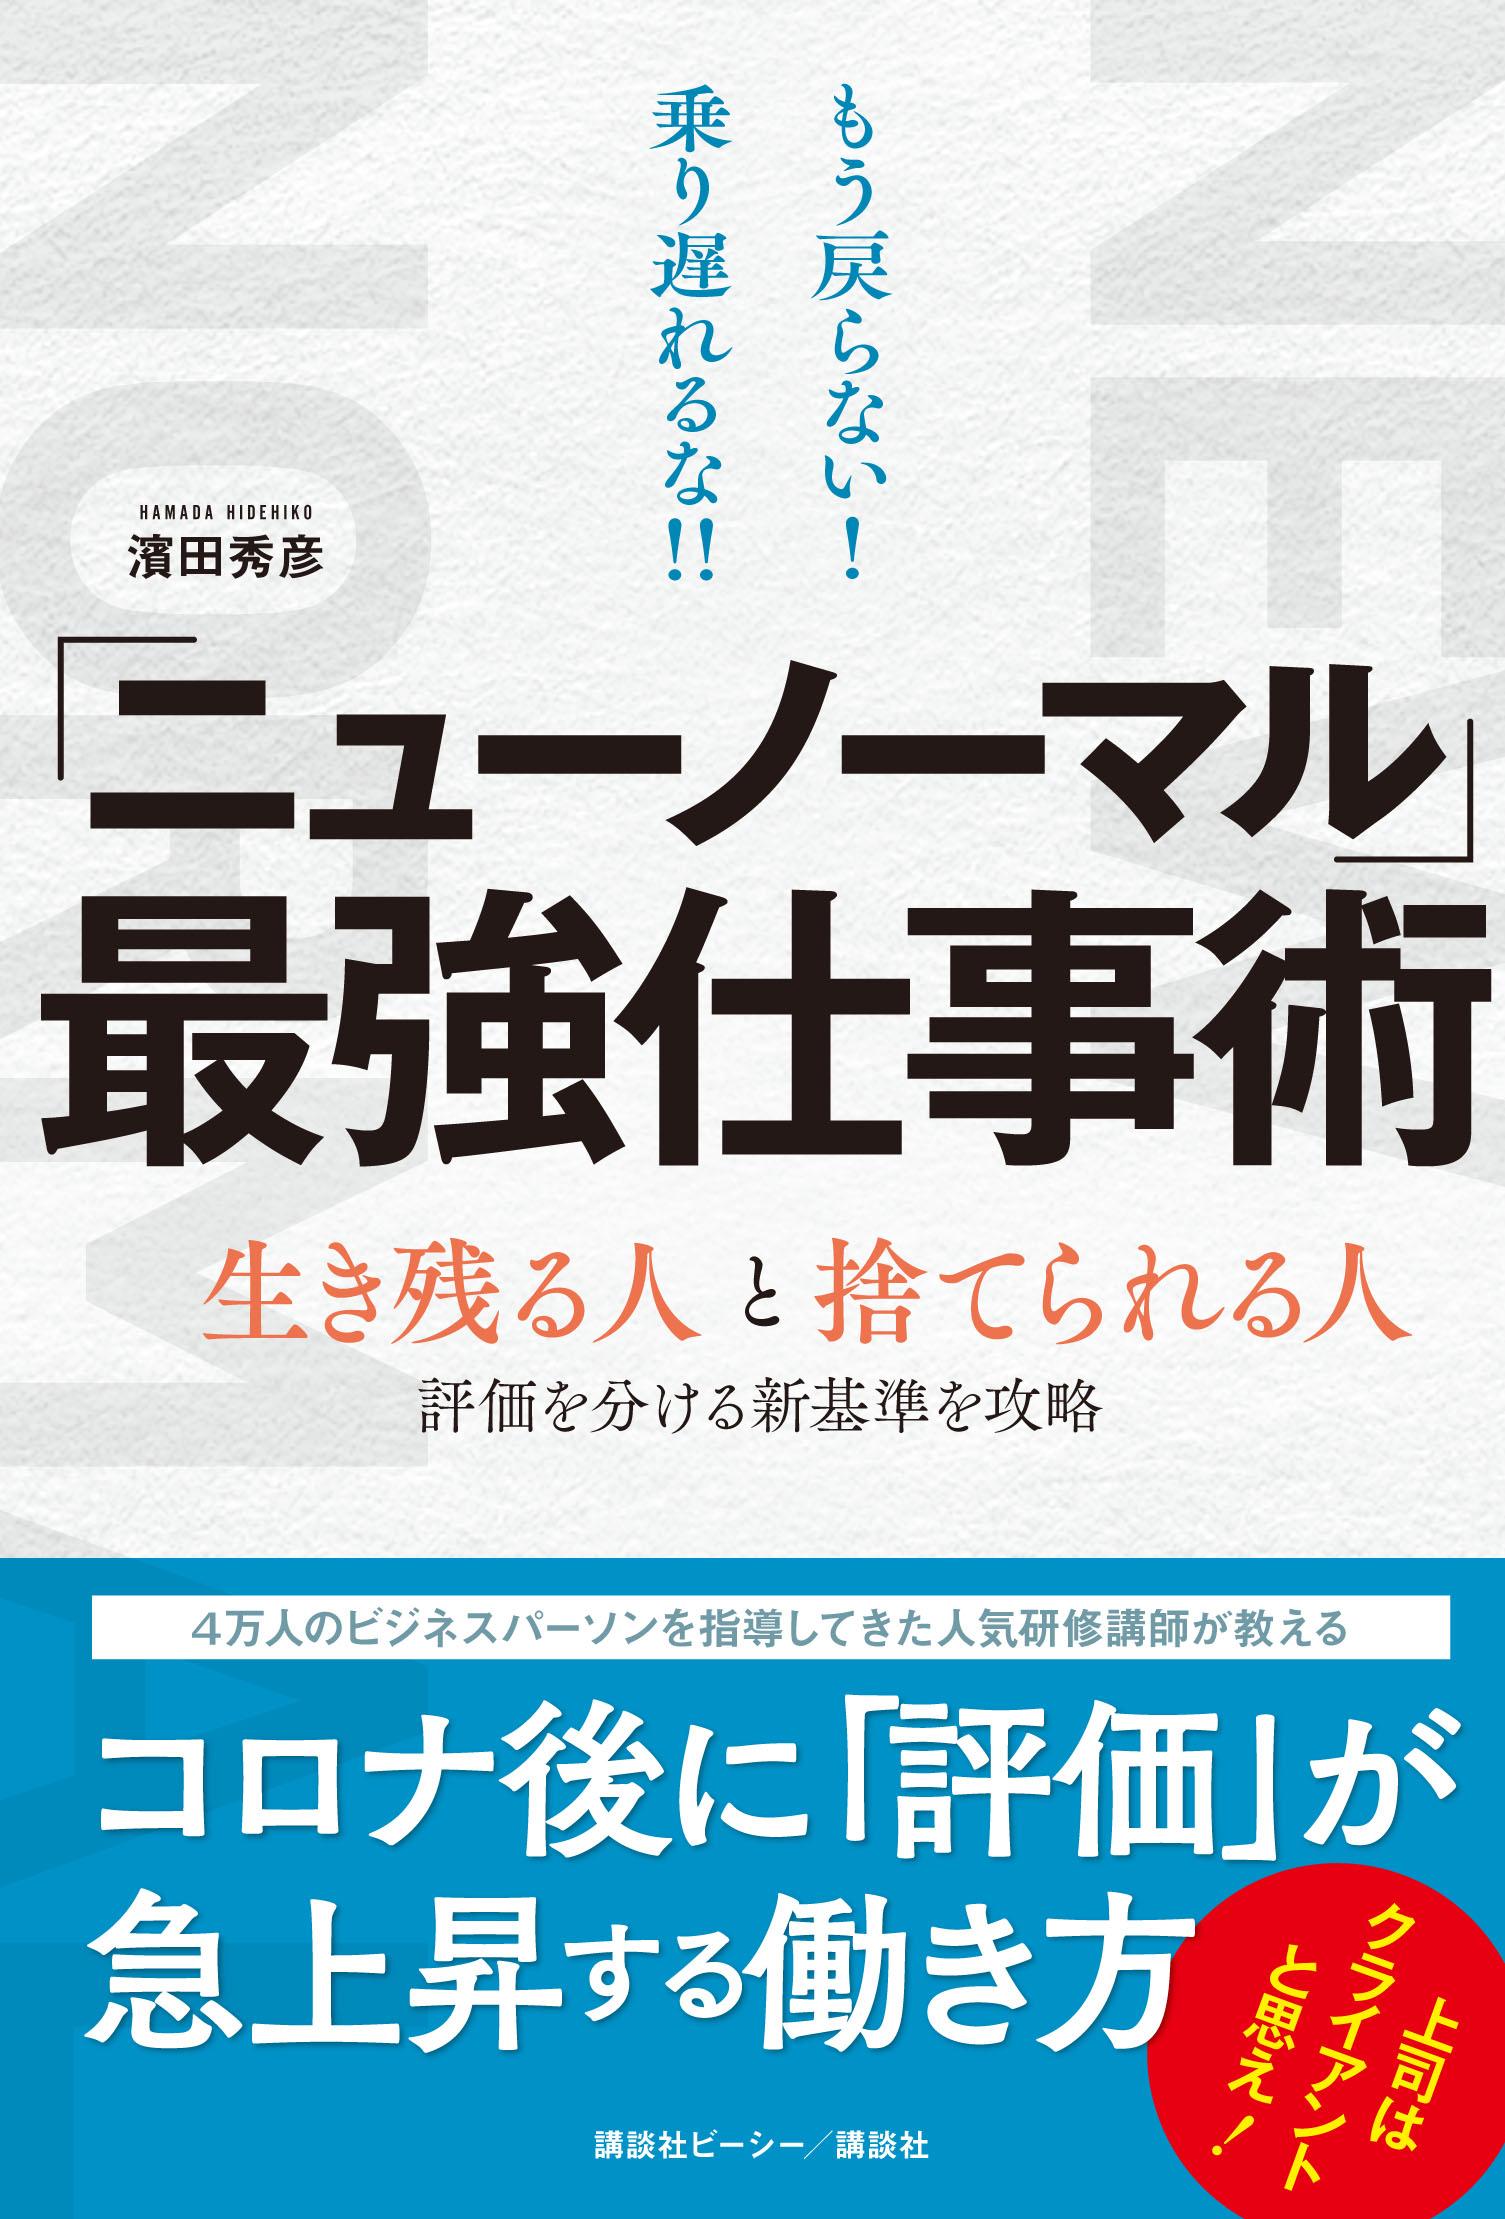 もう戻らない! 乗り遅れるな!  新刊『「ニューノーマル」最強仕事術』発売!